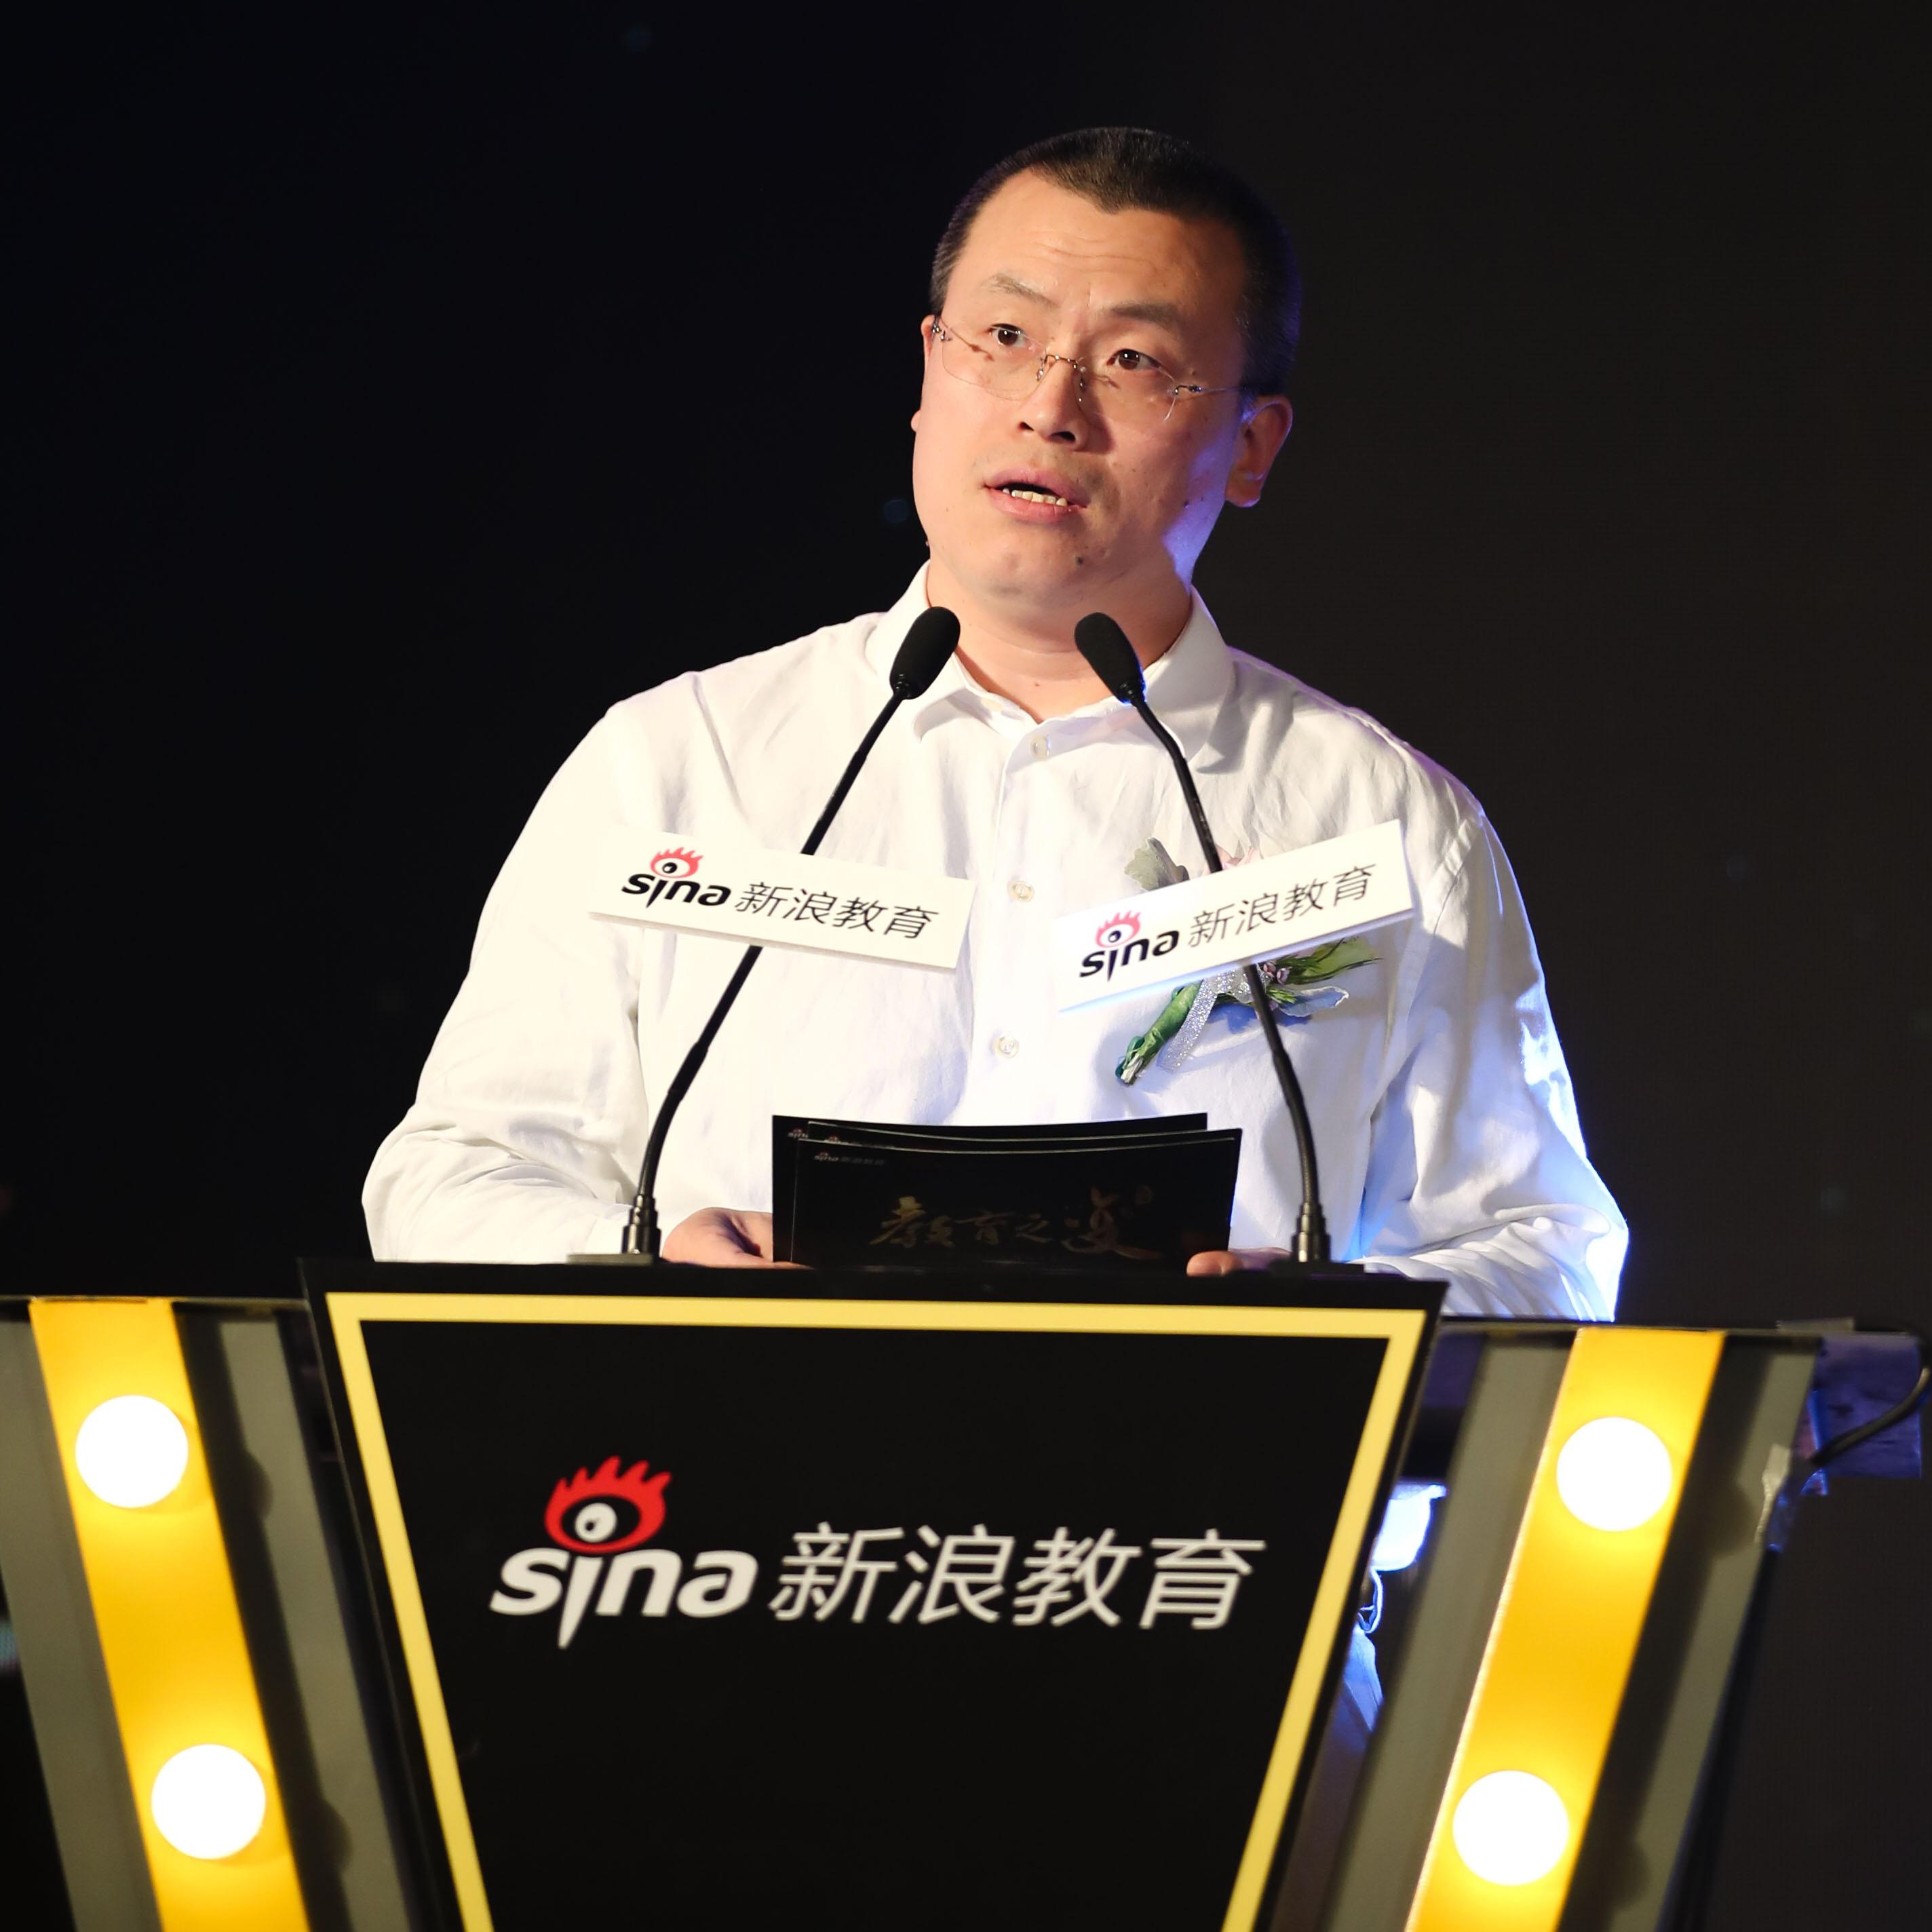 新浪网副总裁邓庆旭